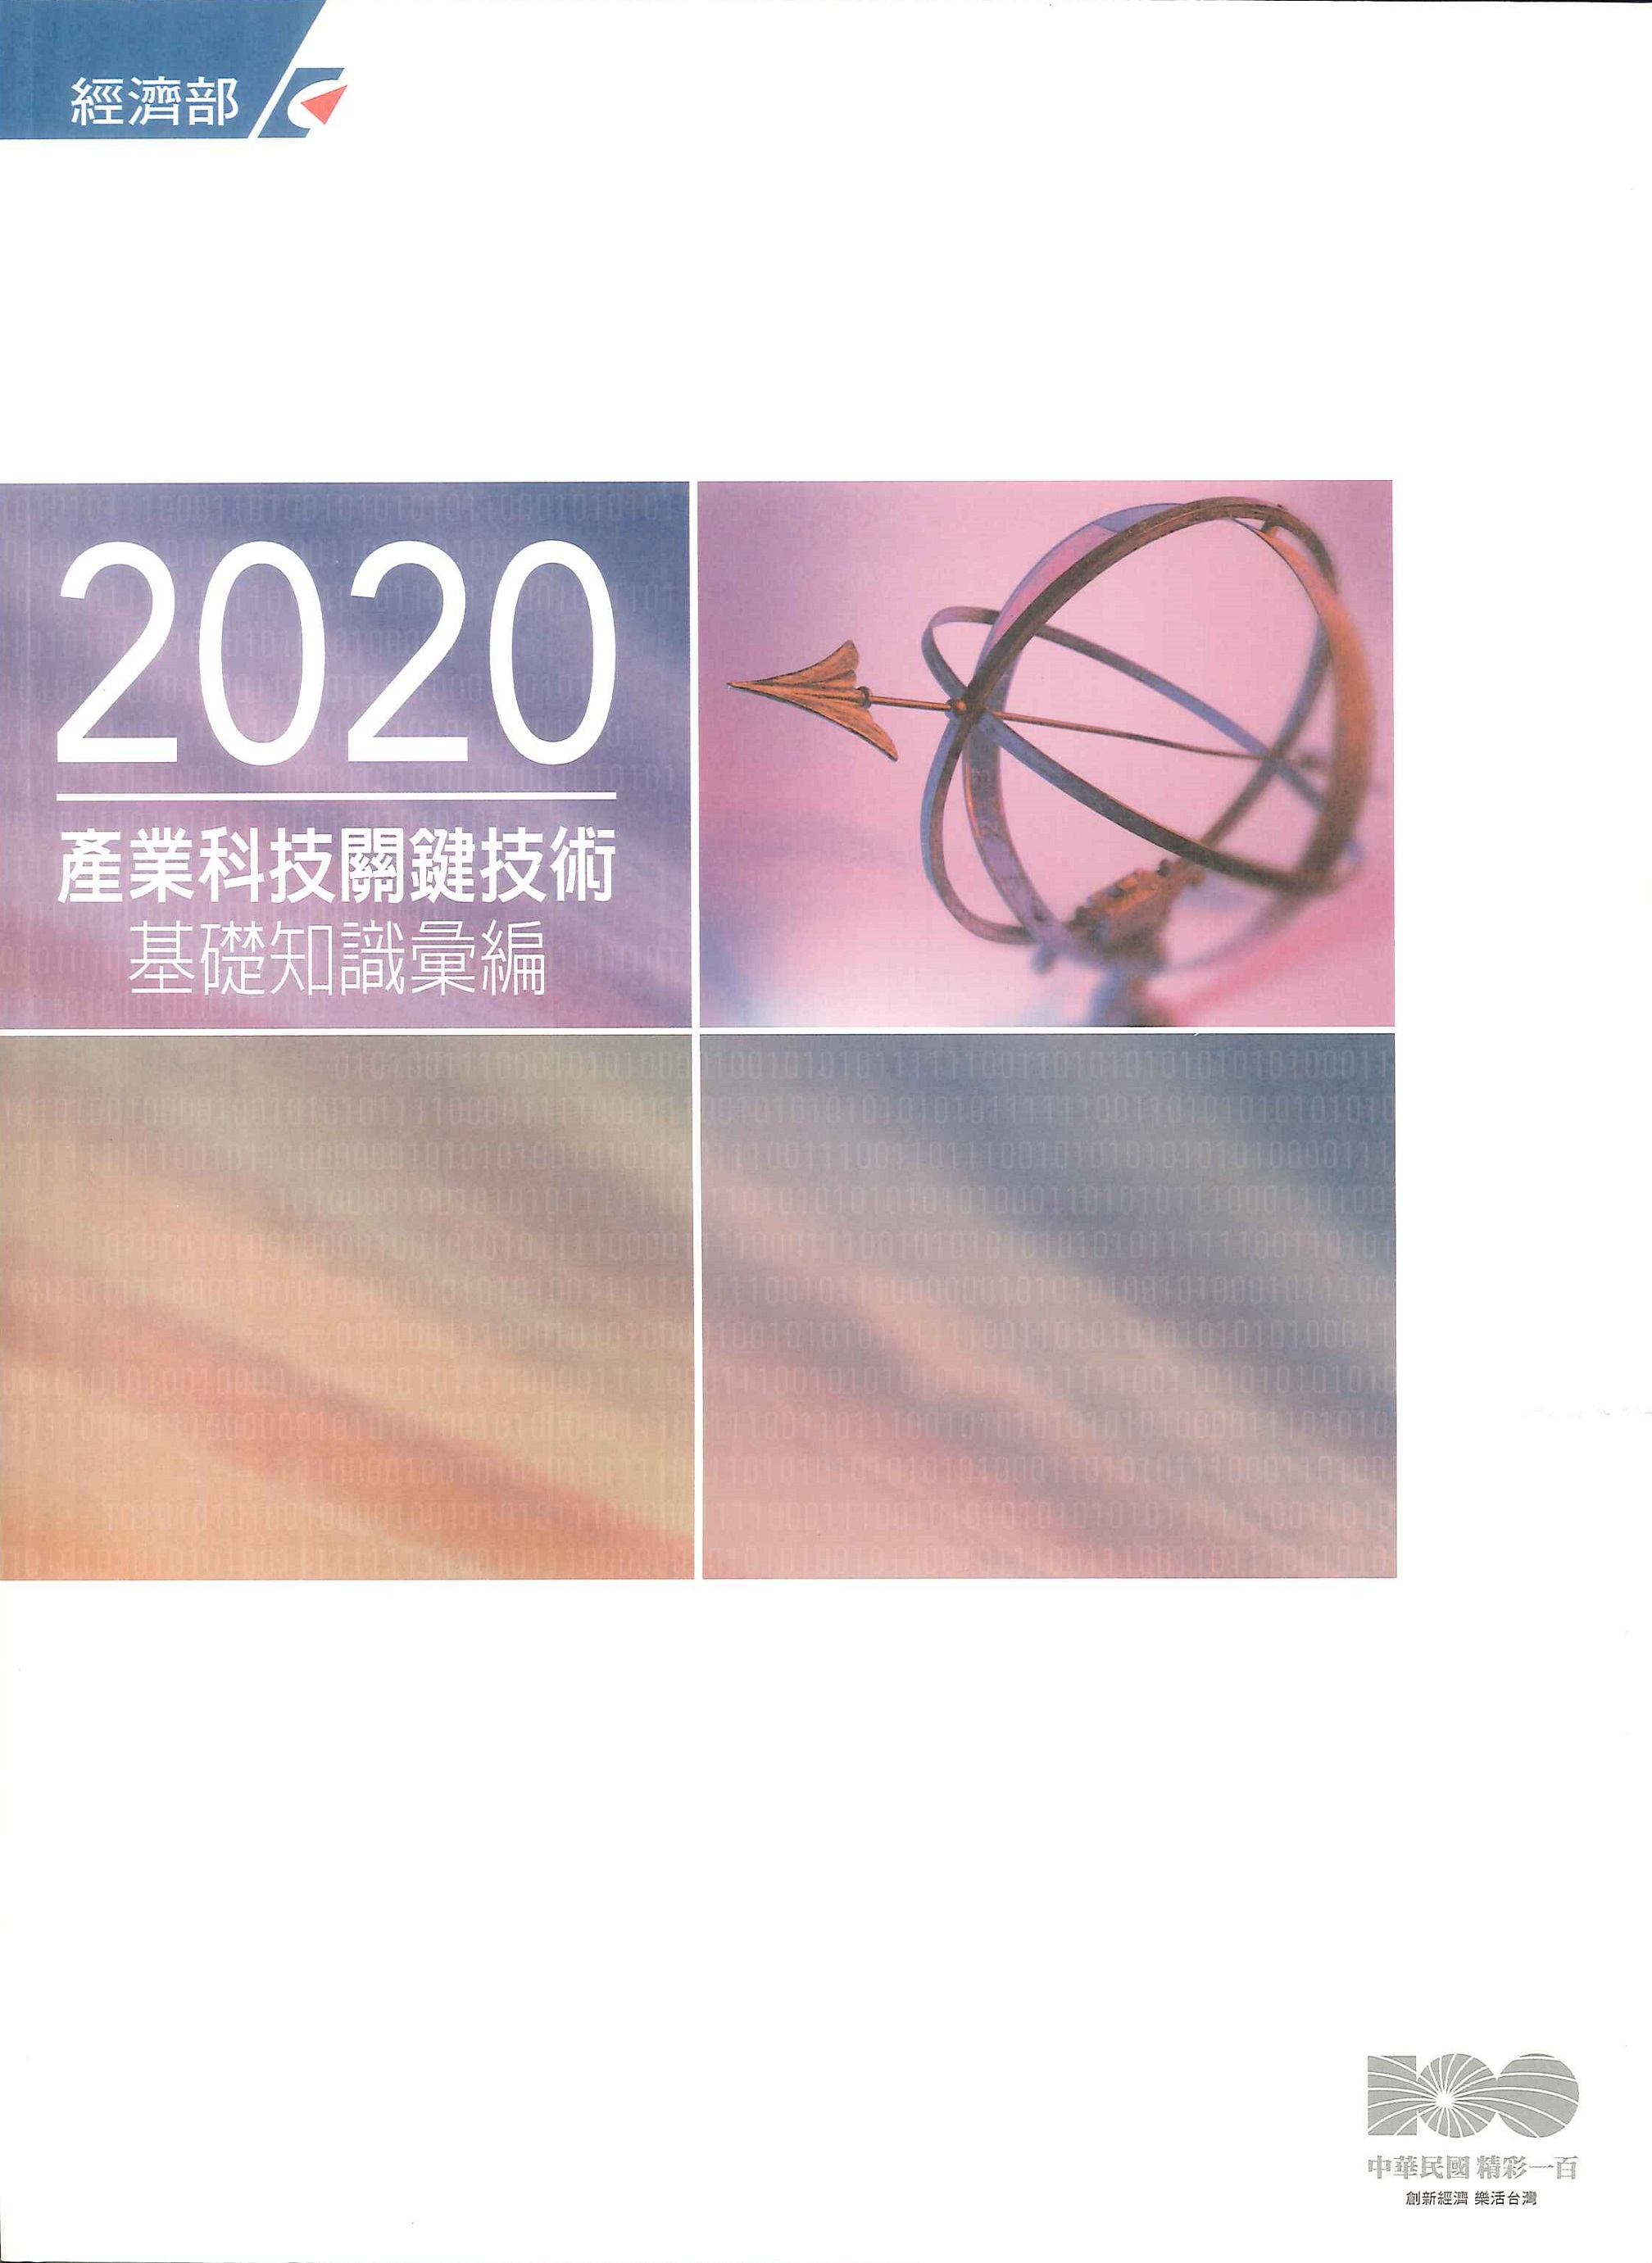 2020產業科技關鍵技術:基礎知識彙編